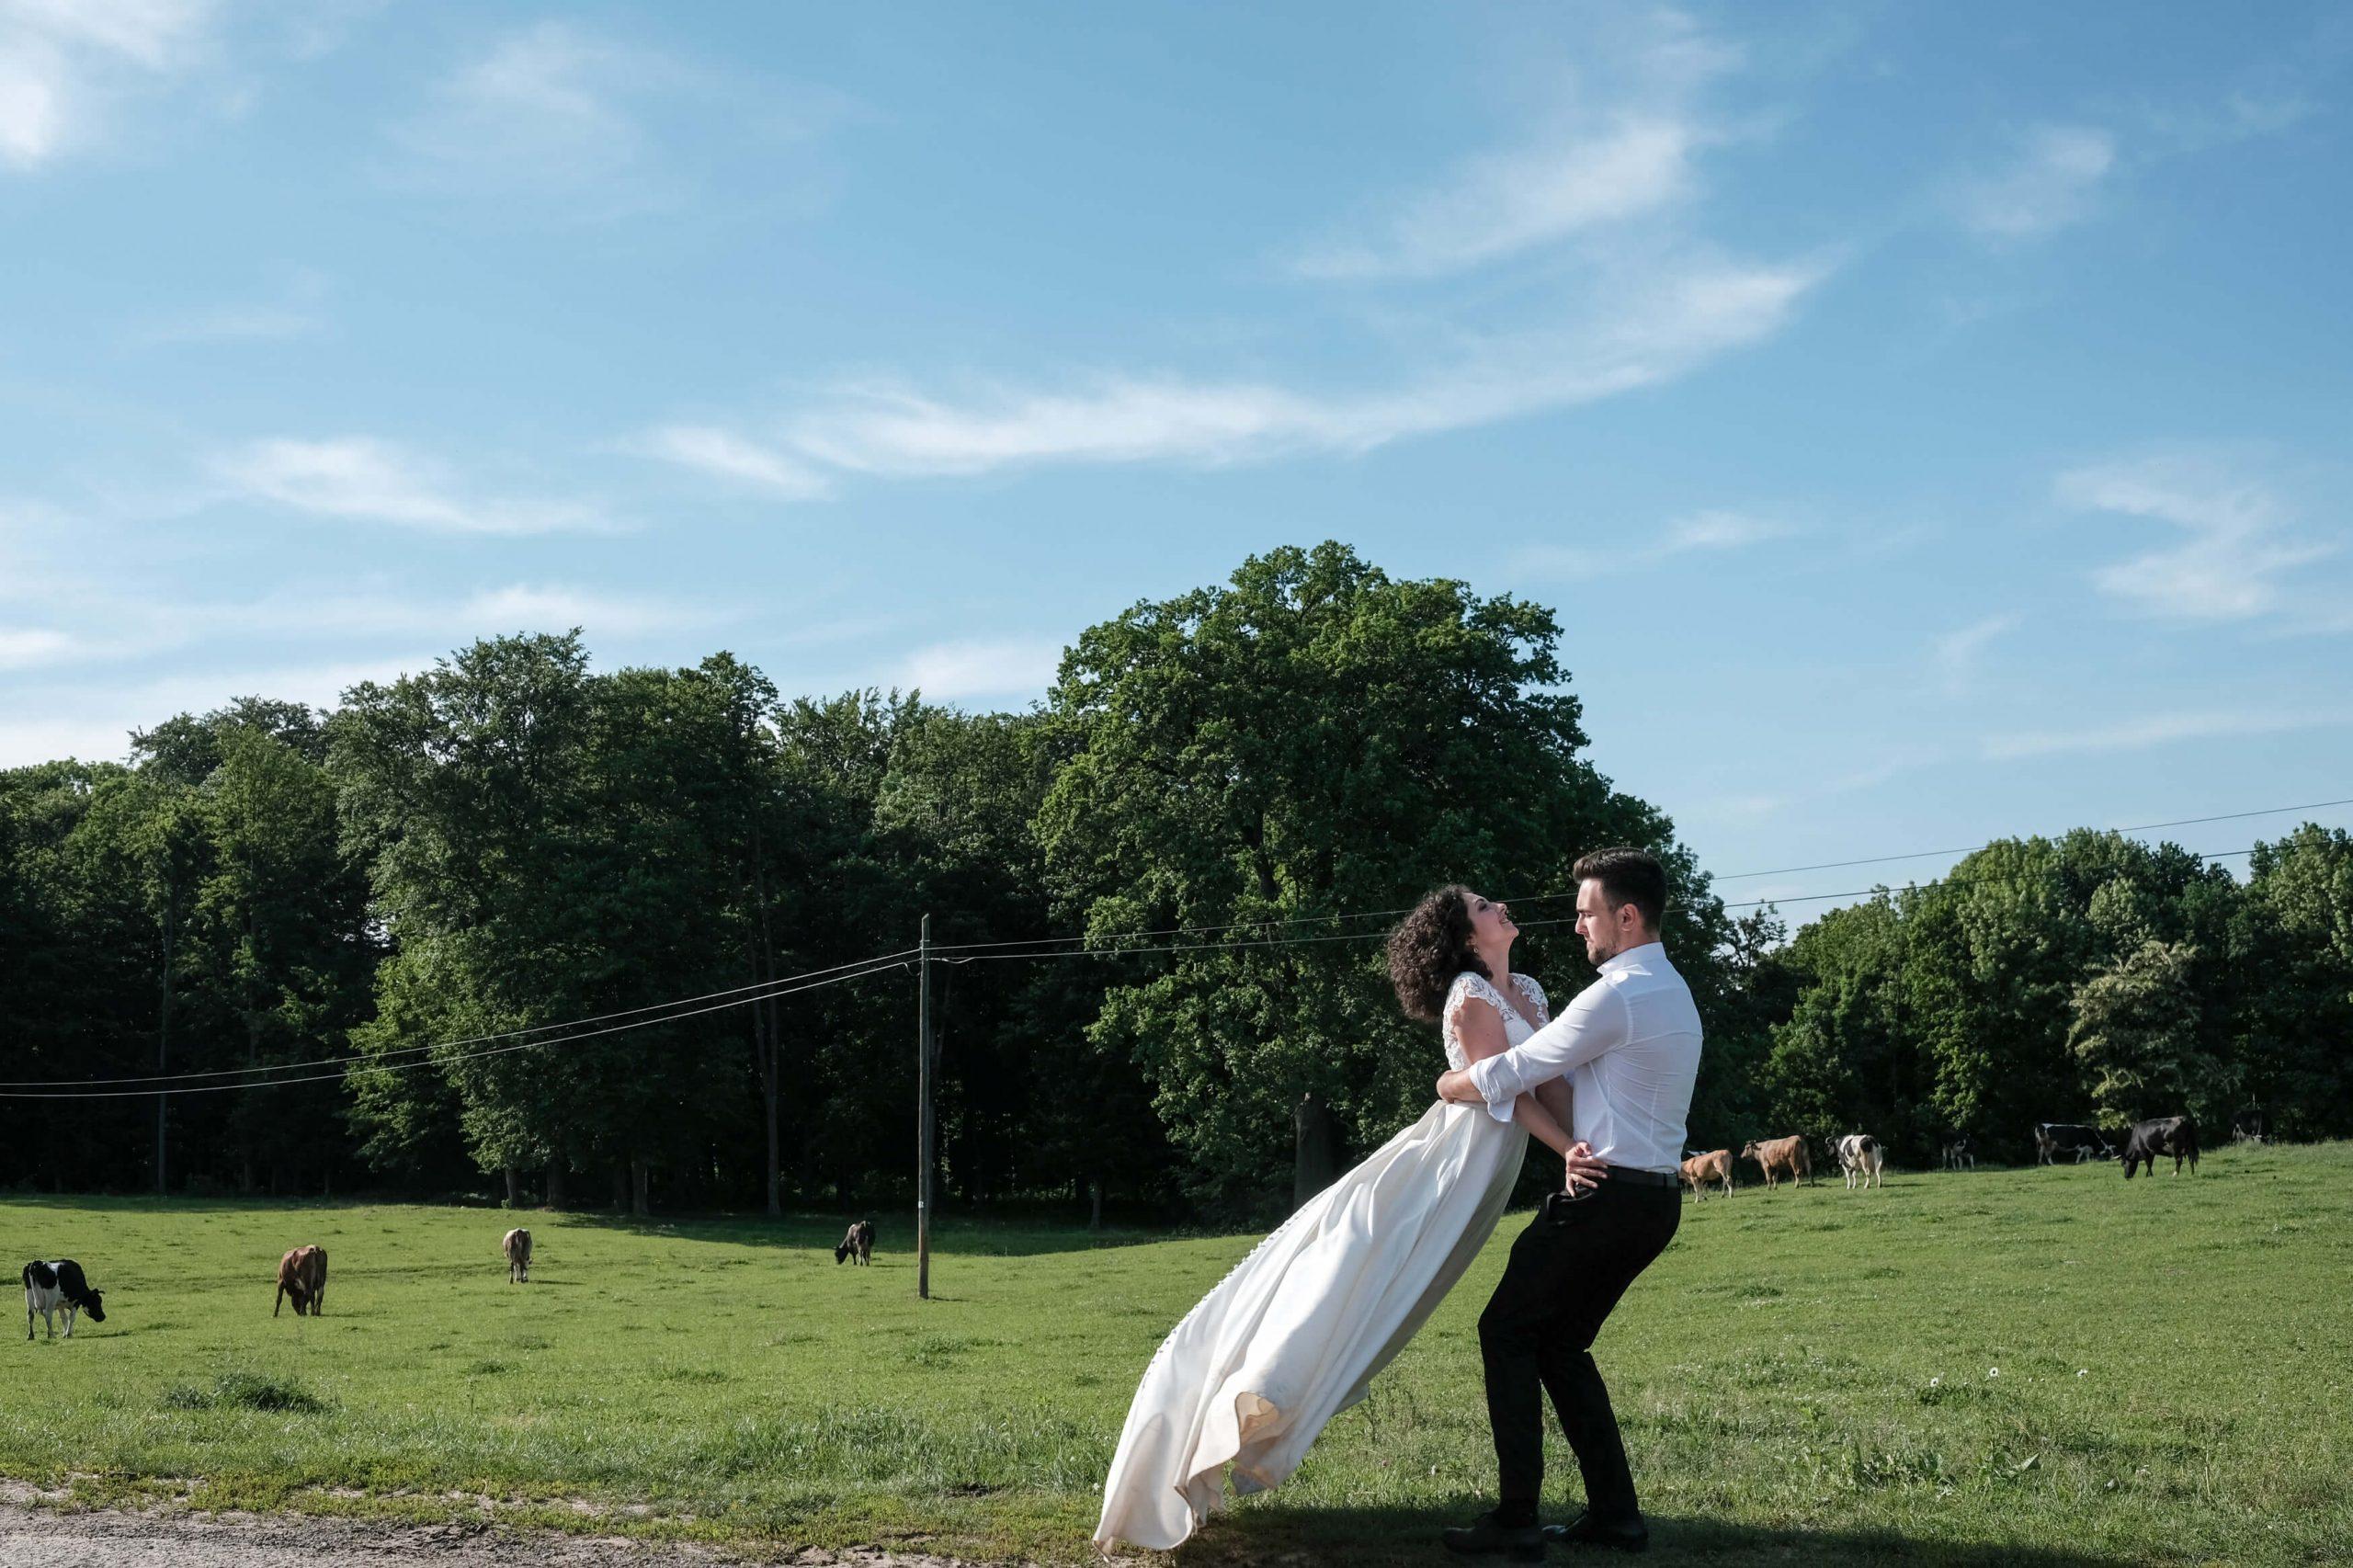 marius agrigoroaie fotograf de nunta botosani suceava 39